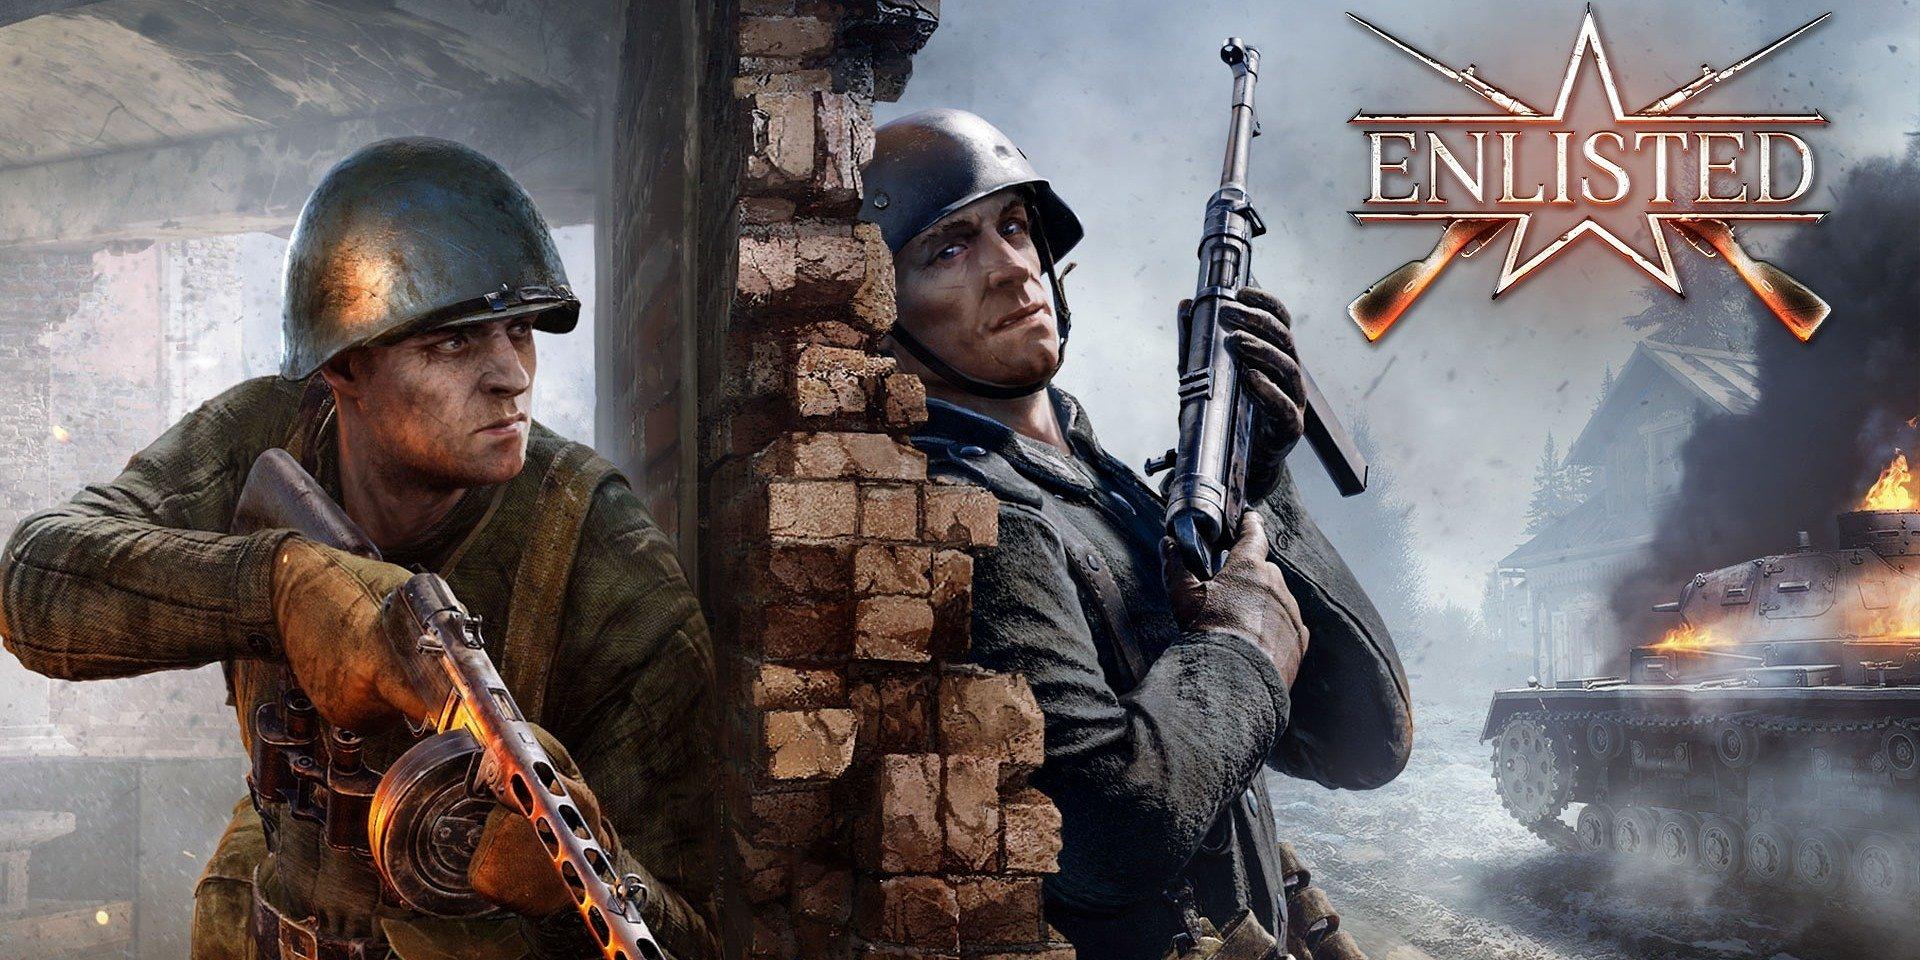 Unikatowy, wieloosobowy shooter Enlisted już dostępny na Xbox Series X|S oraz PC